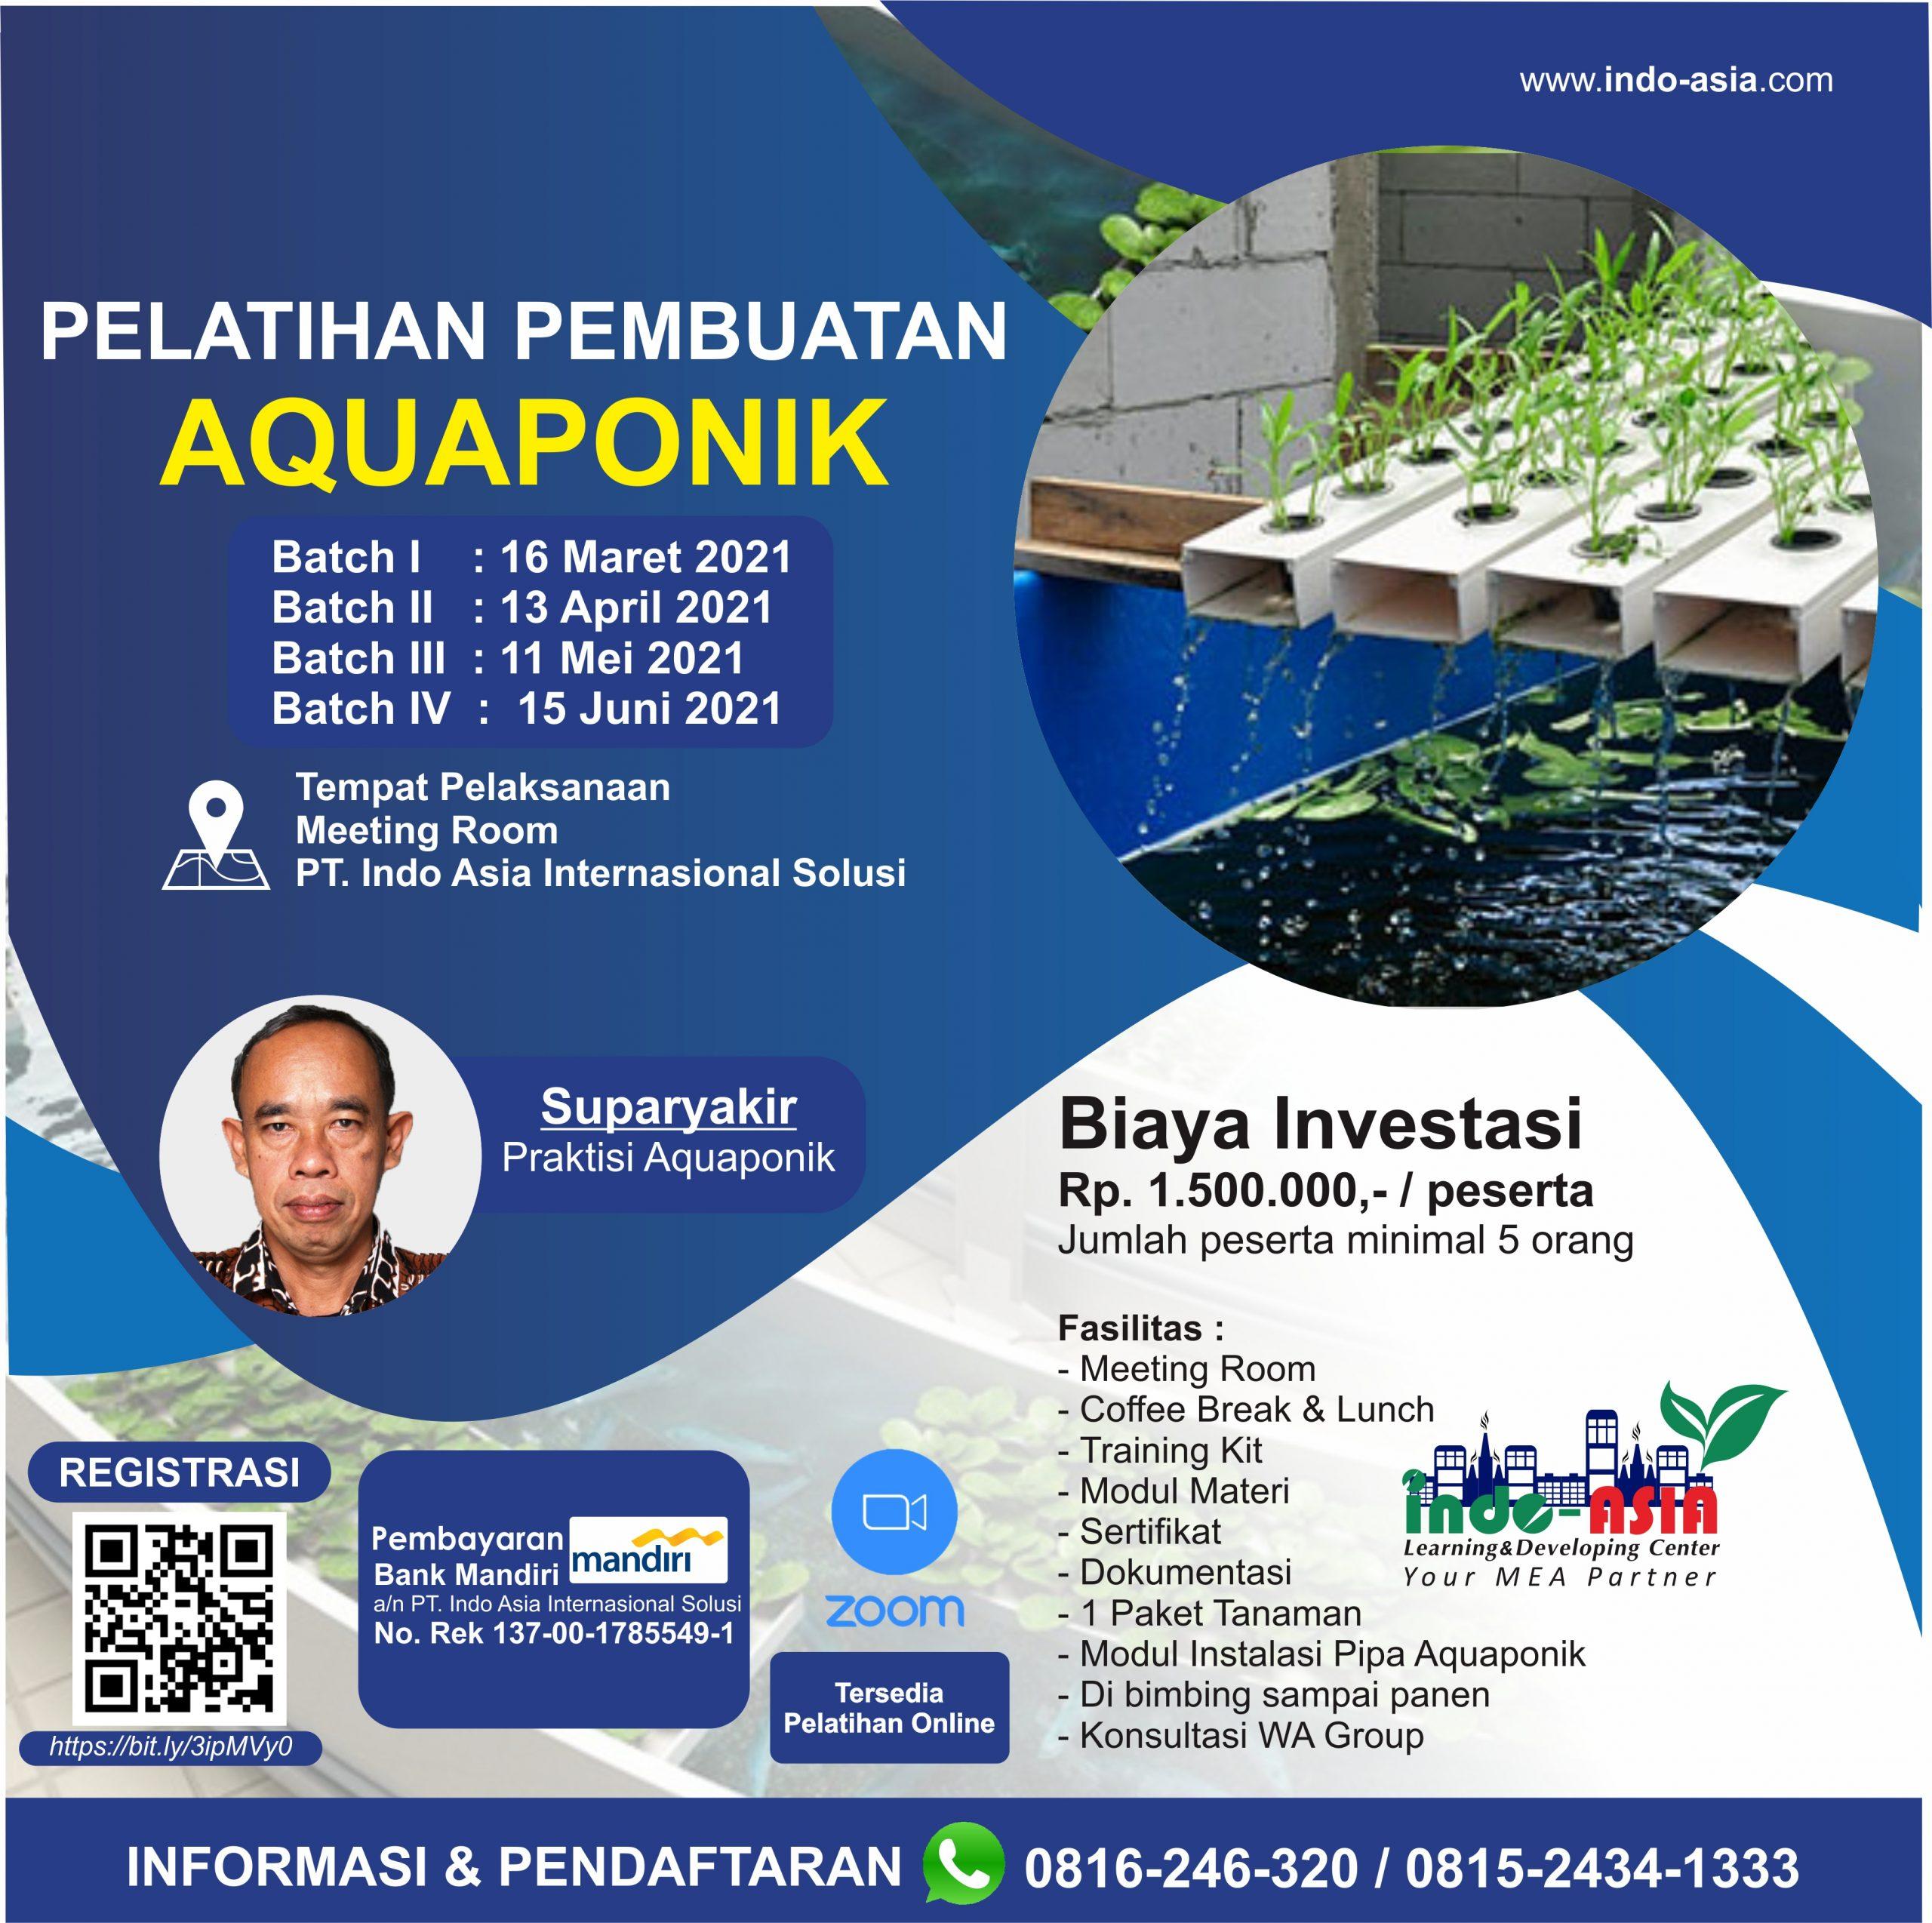 Pelatihan Pembuatan Aquaponik